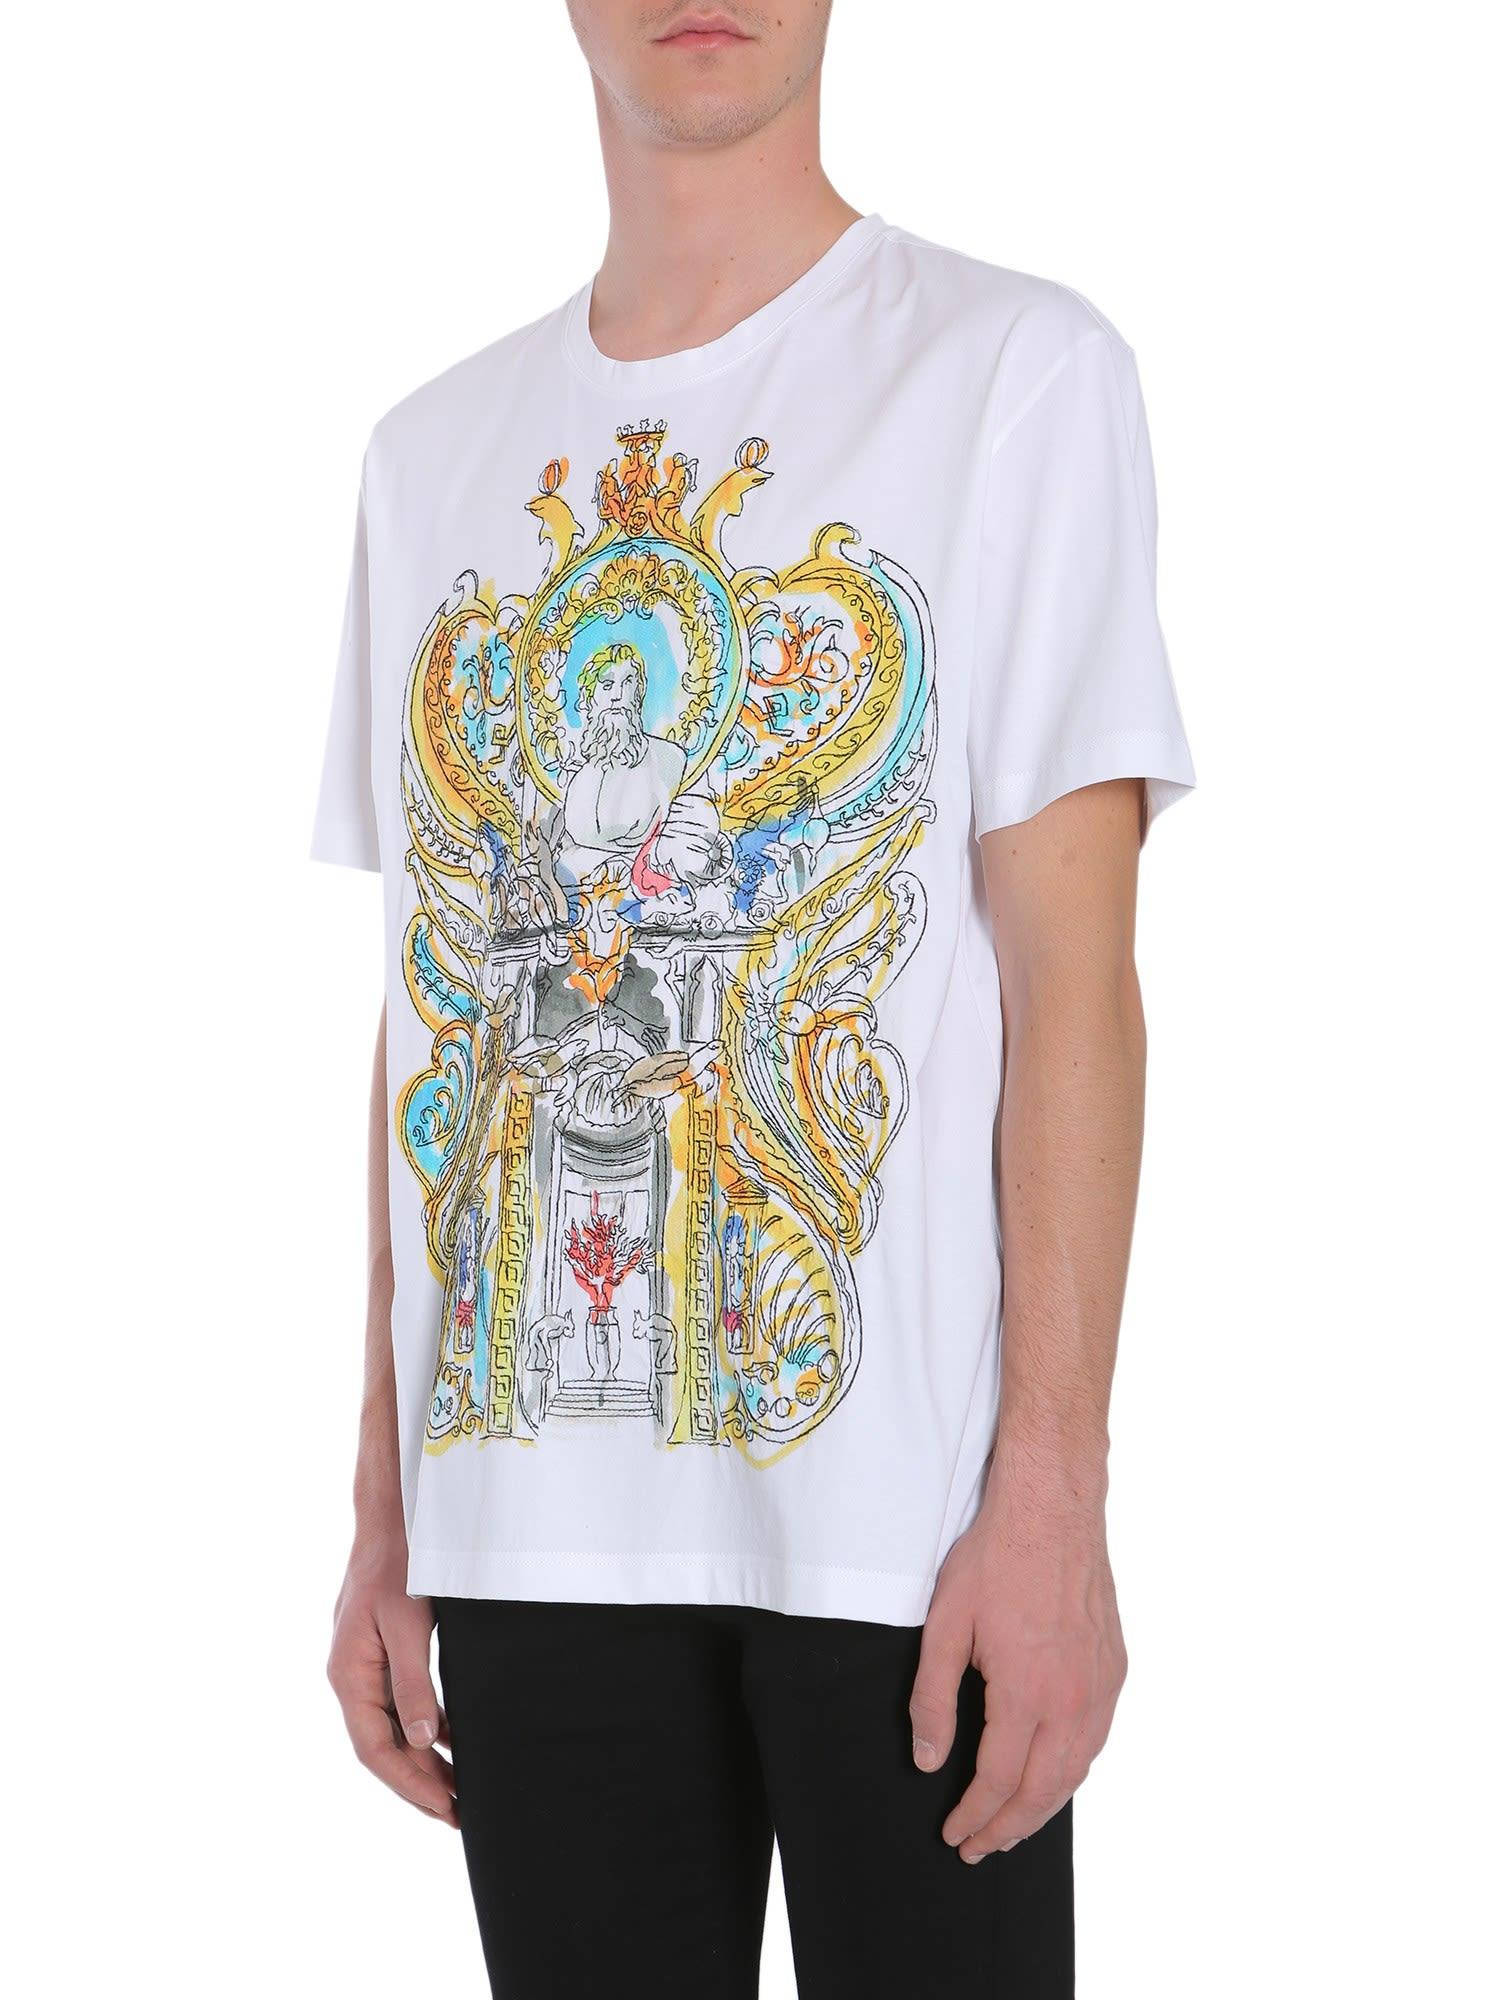 b0135d08a550 Versace Versace Round Collar T-shirt - White - 8631653